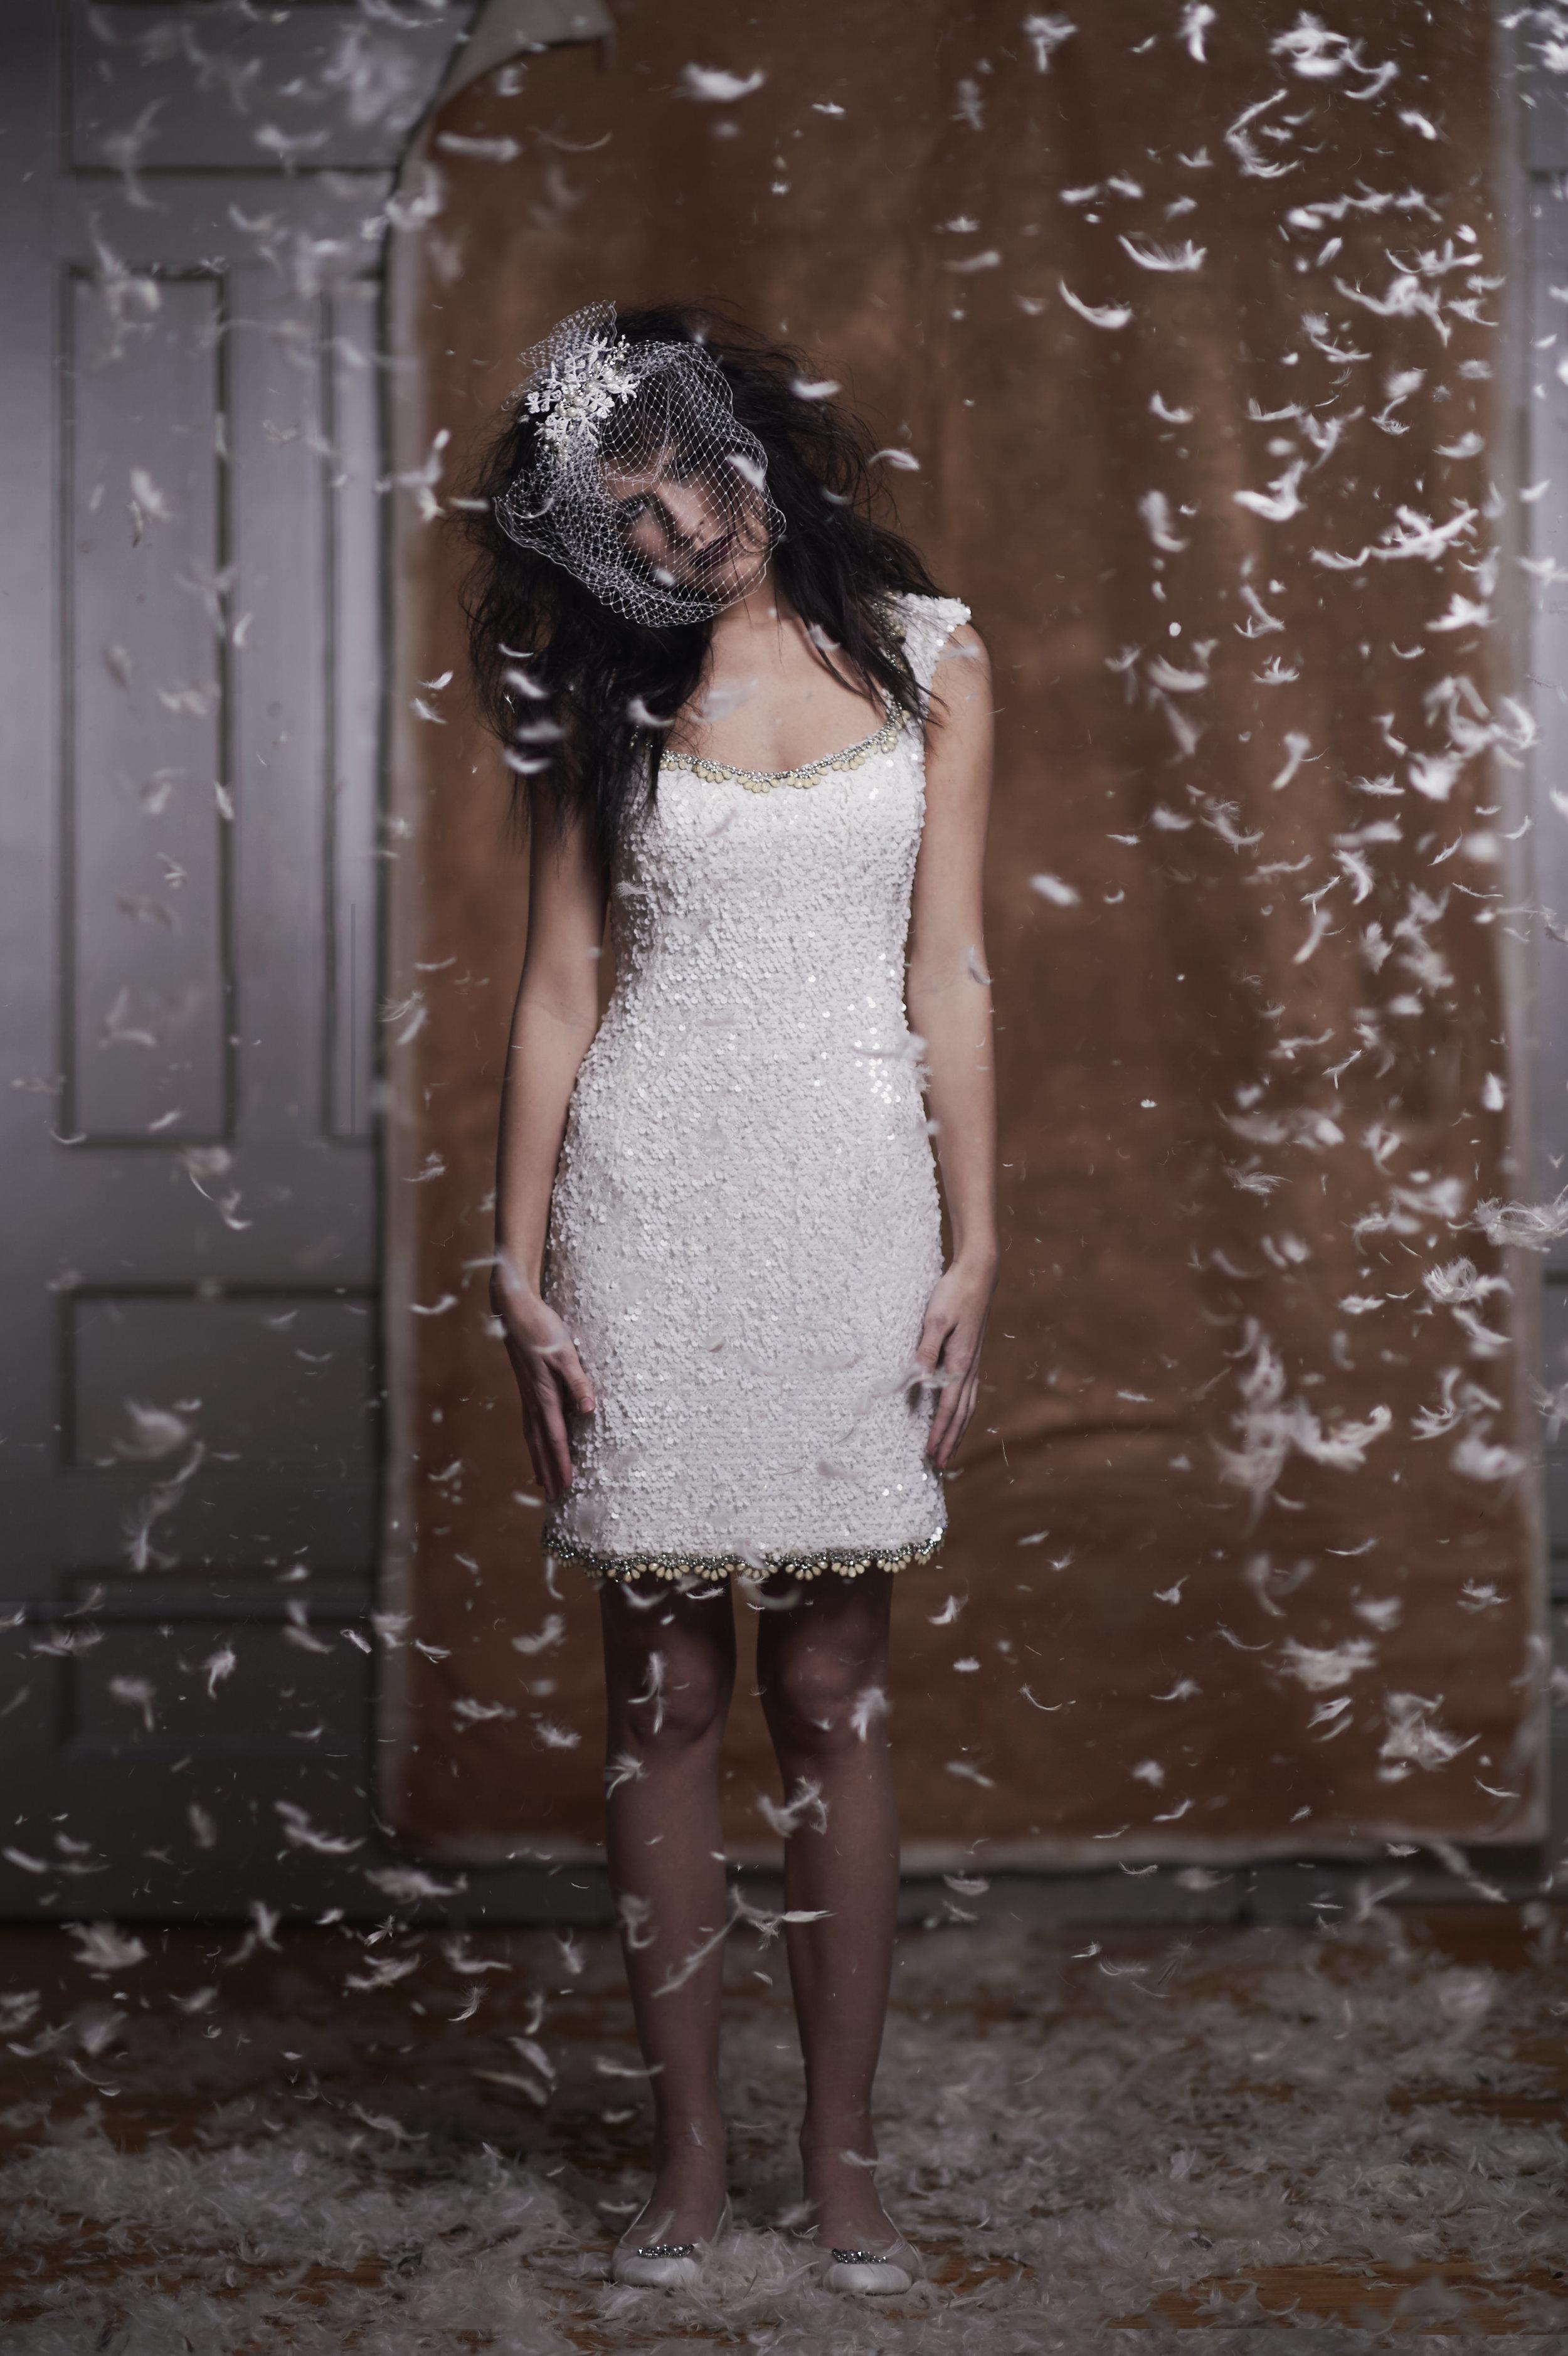 marta-hewson-fashion-urnabicity-bridal-pycho-bride.jpg